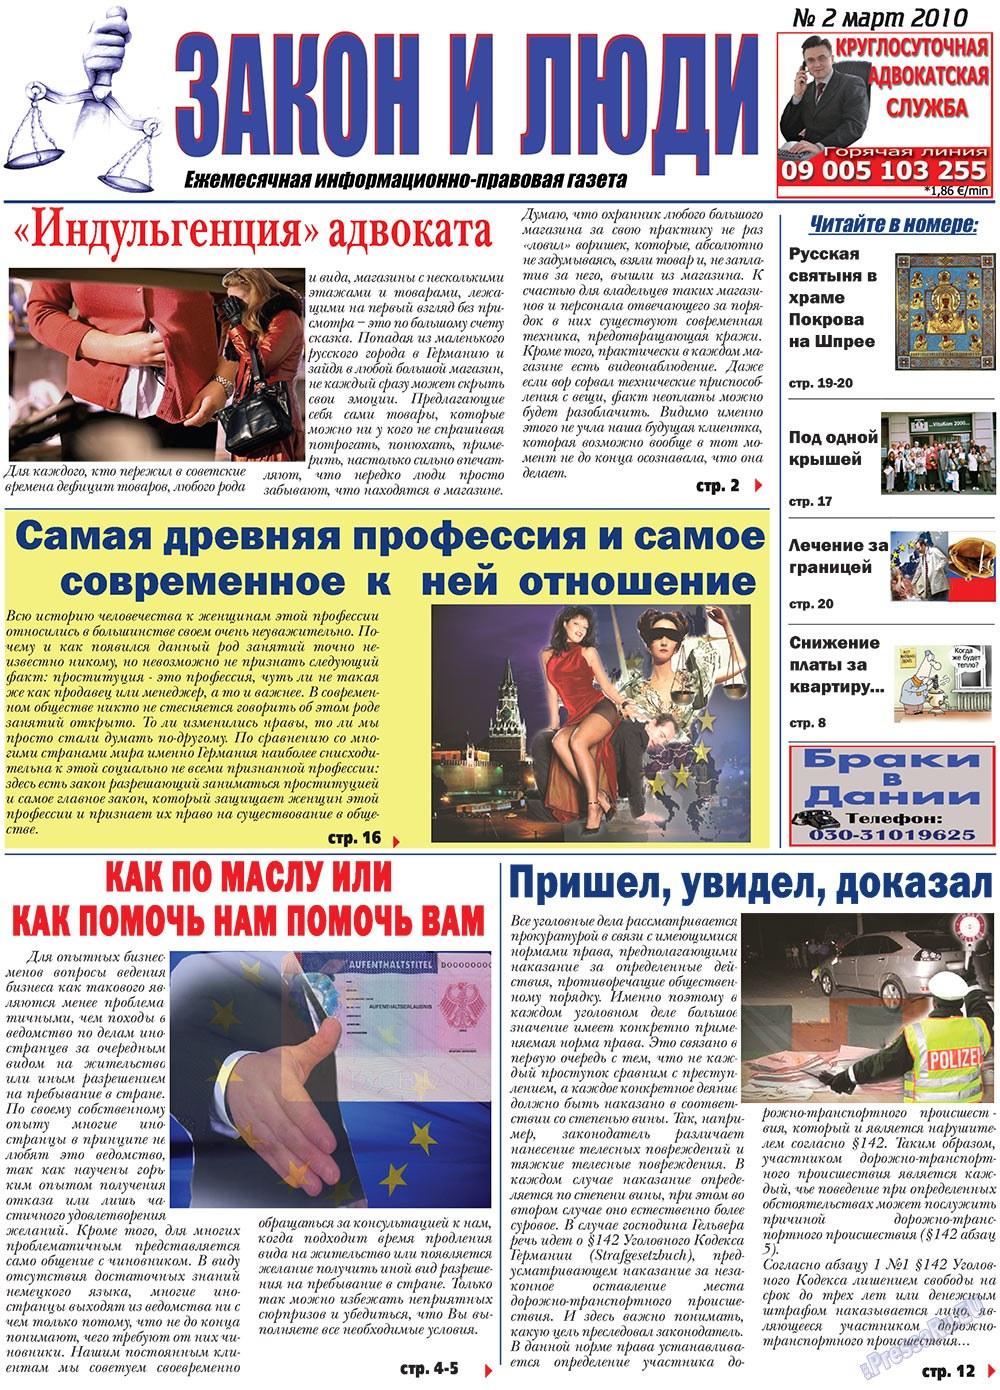 Закон и люди (газета). 2010 год, номер 2, стр. 1